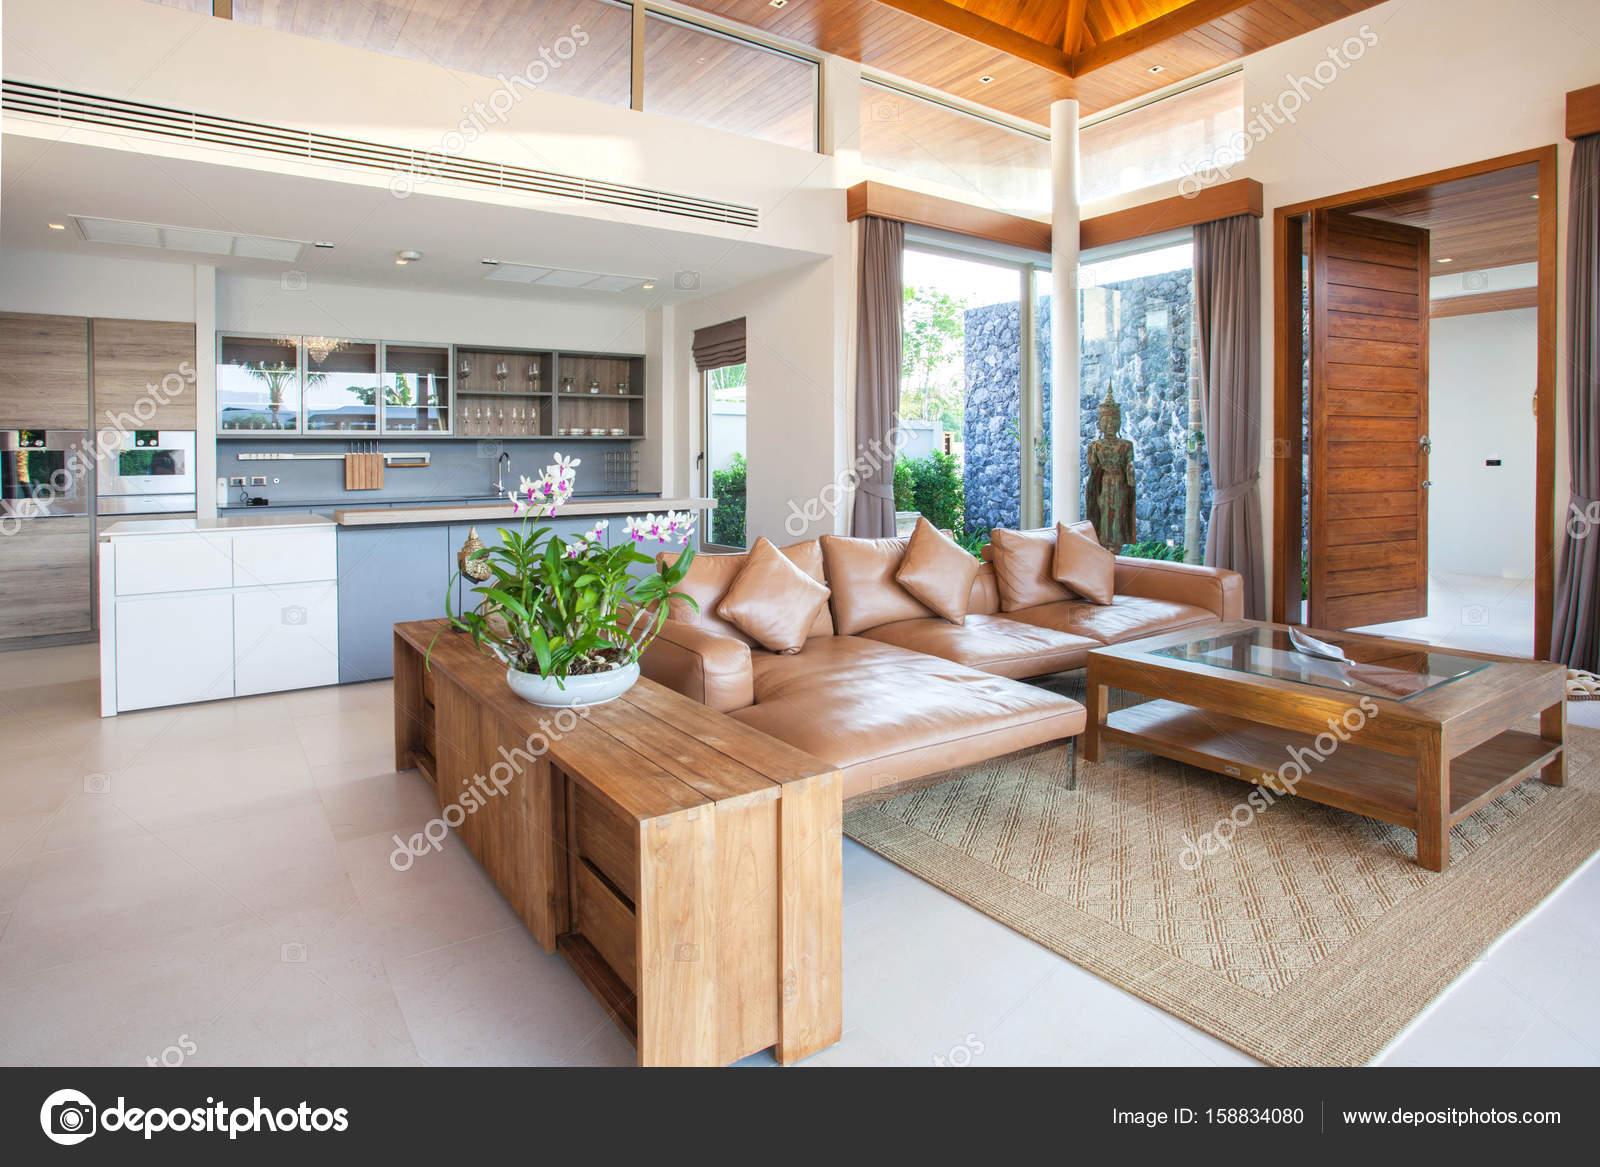 Design Di Interni Ed Esterni : Design di interni ed esterni e decorazione della casa u2014 foto stock